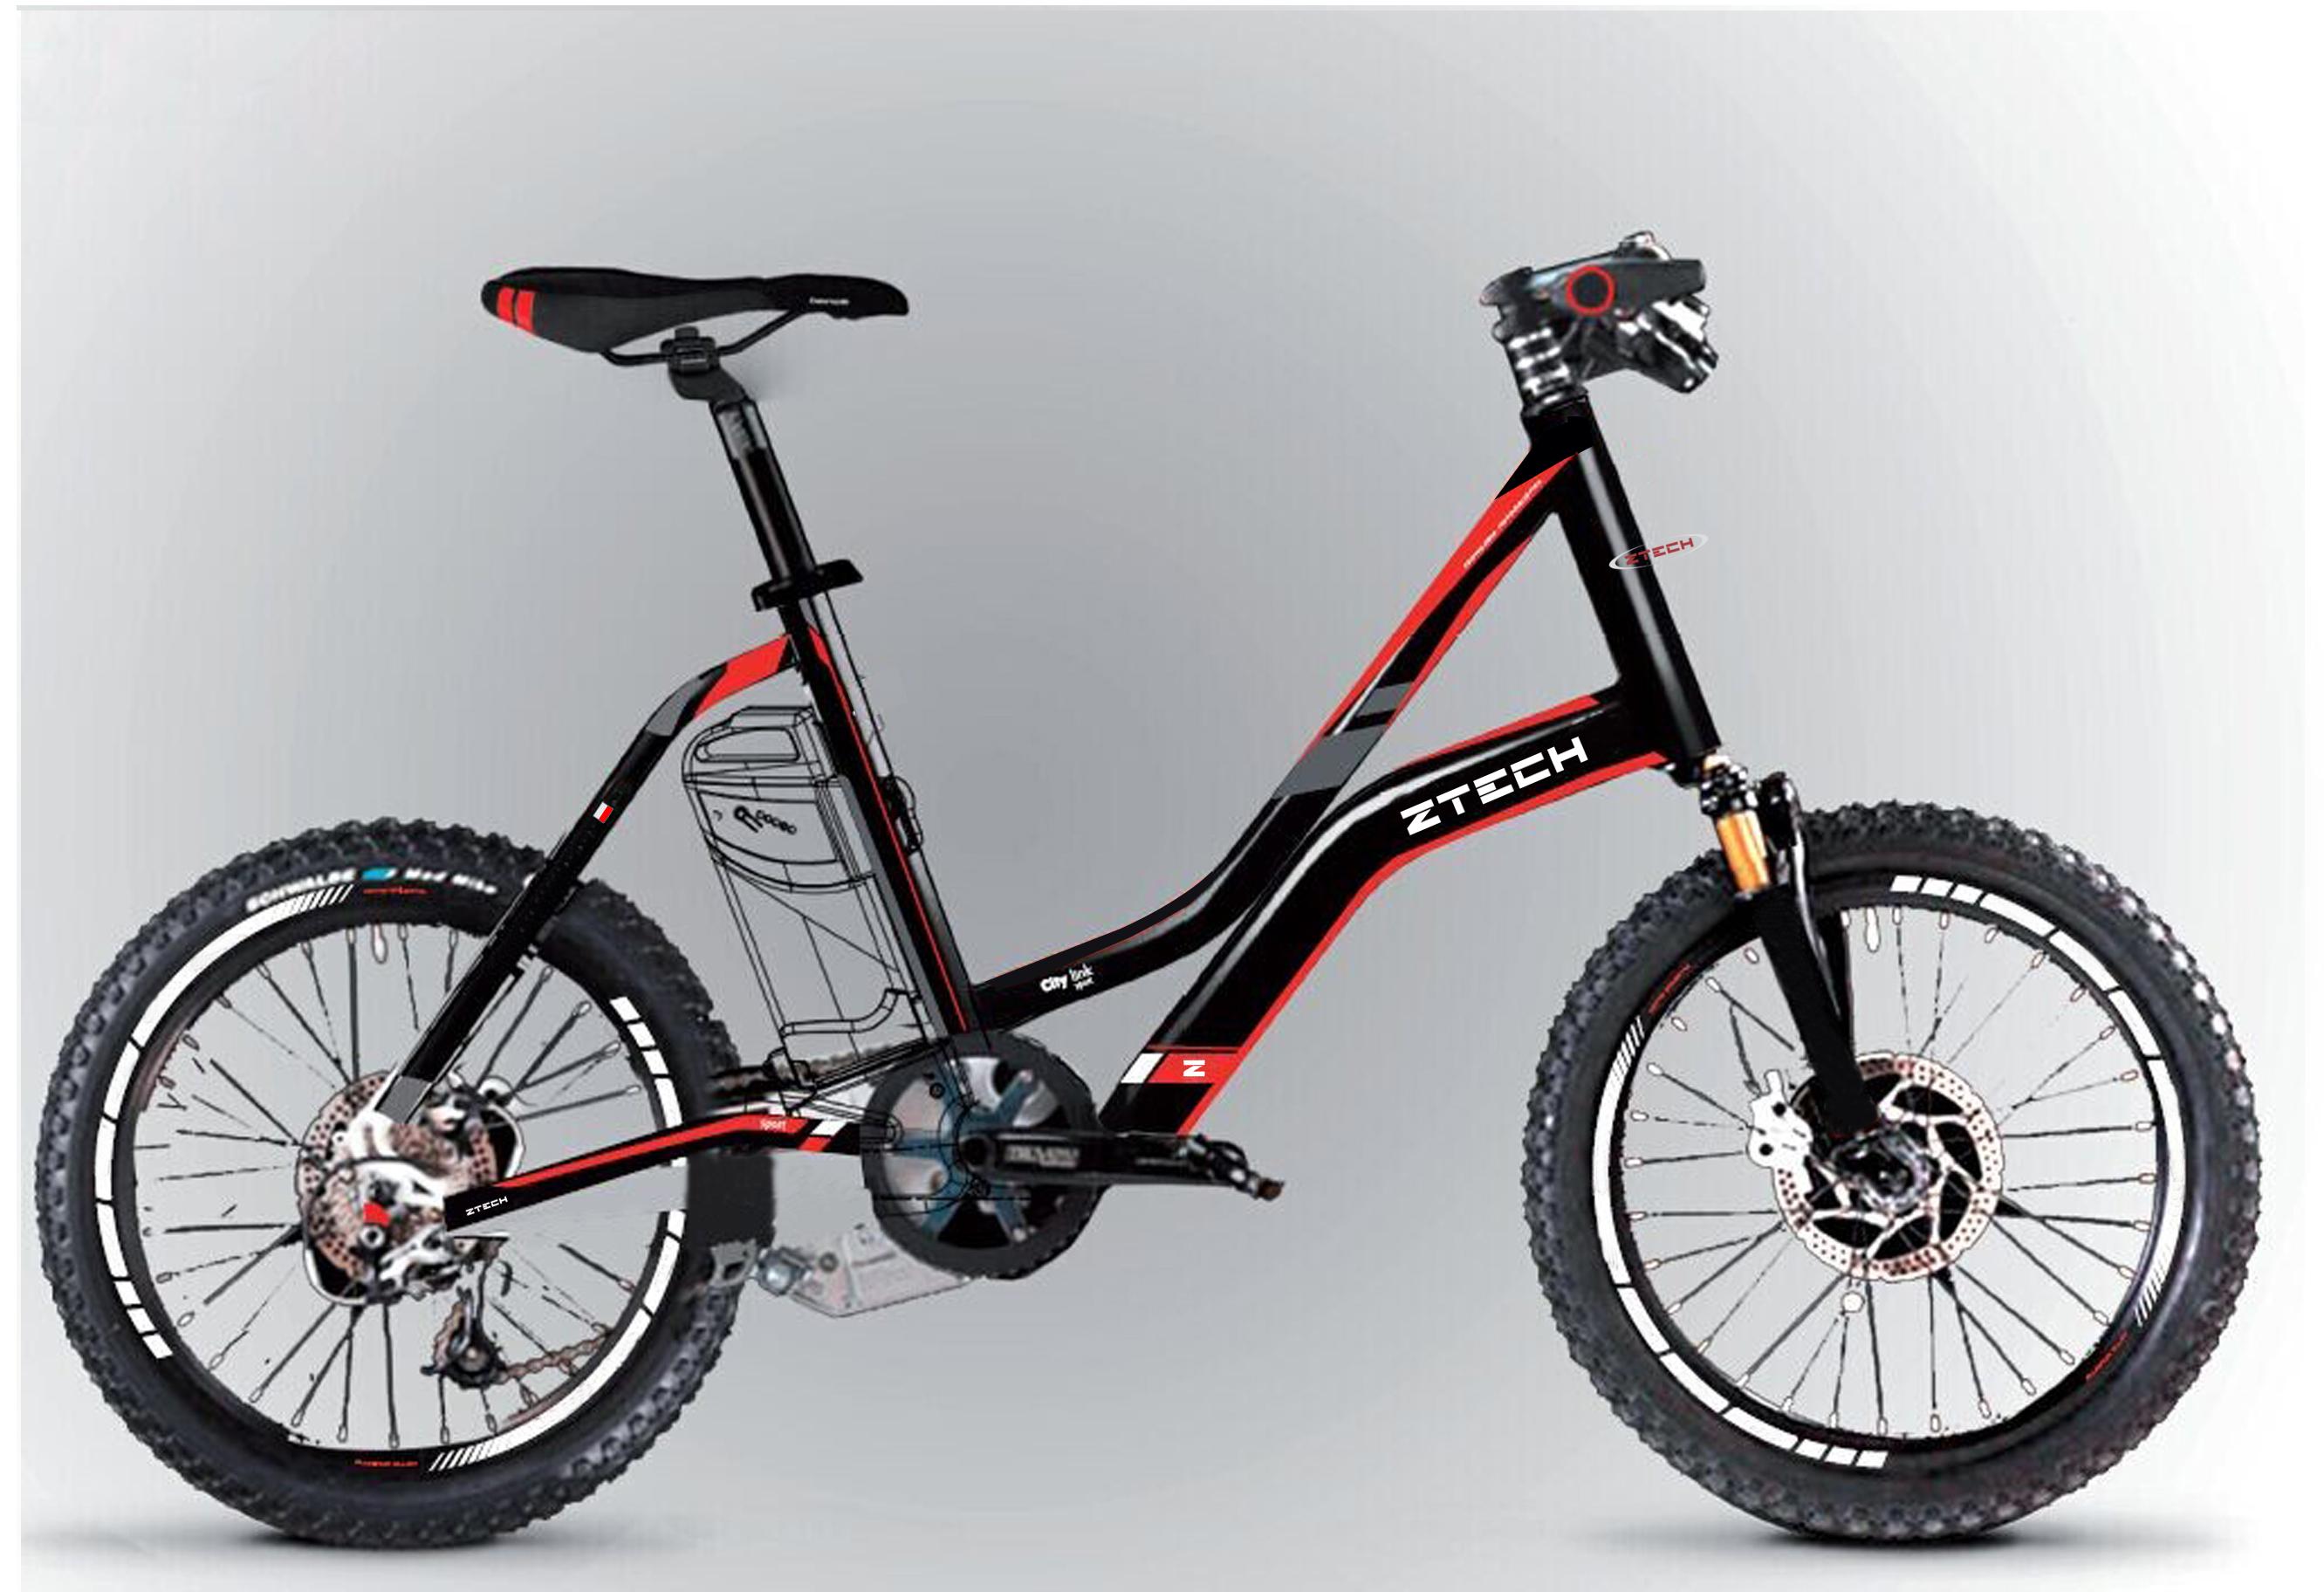 Bicicleta electrica pliabila Ztech ZT-72 Citylink Sport